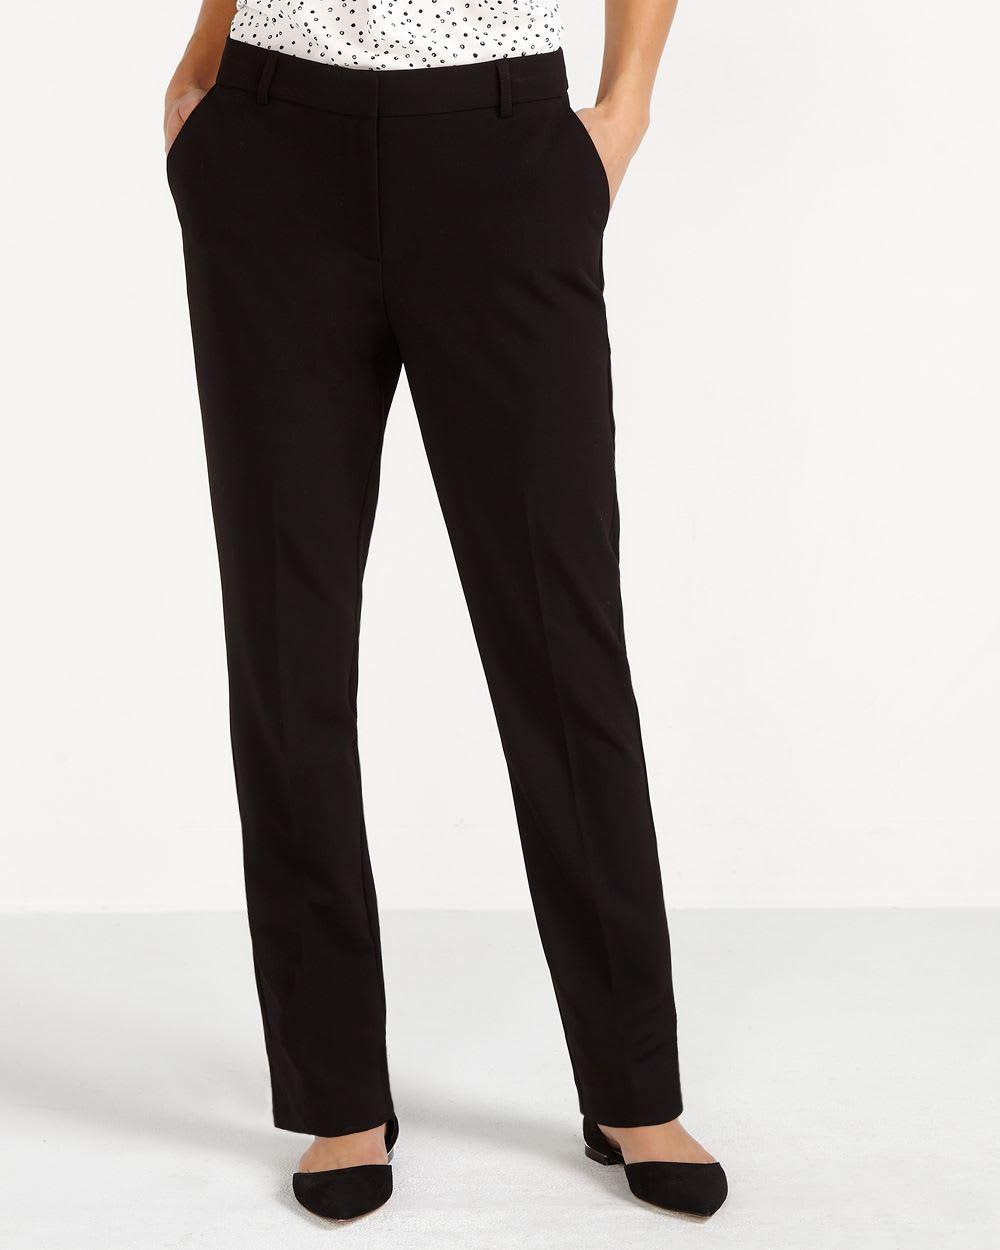 Pantalon taille haute le nouveau classique petites for Taille baignoire classique